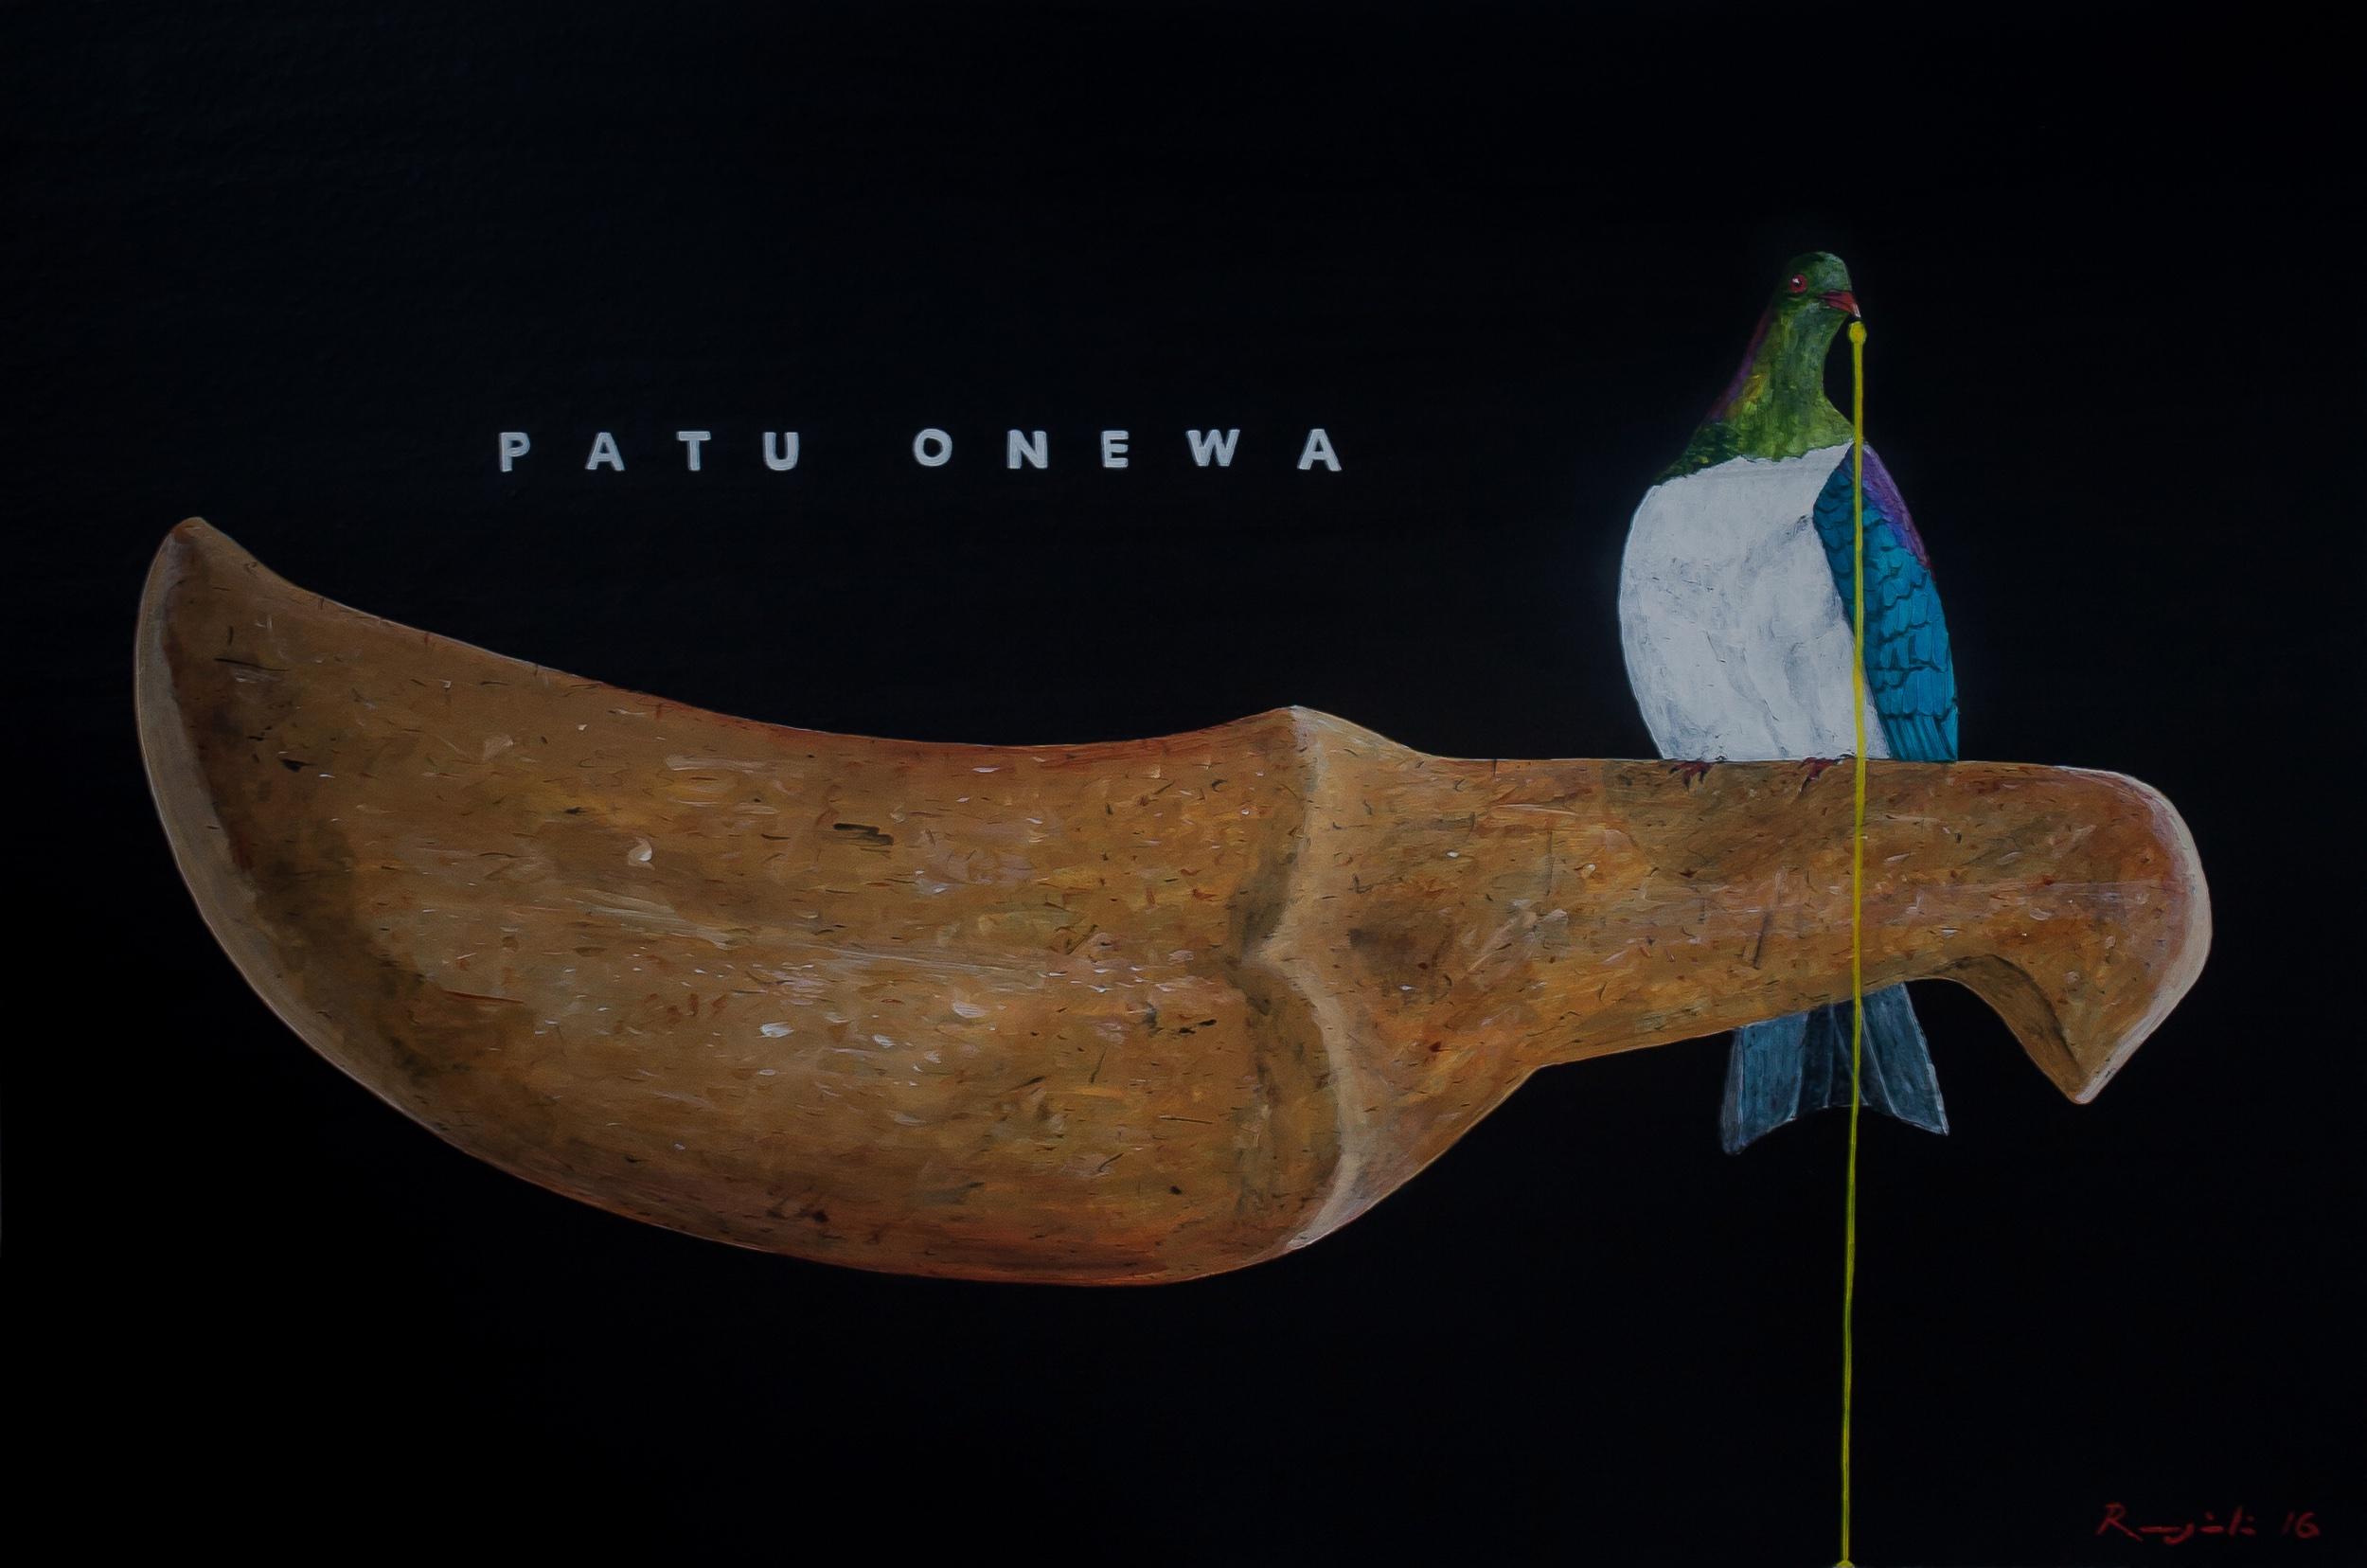 Patu Onewa